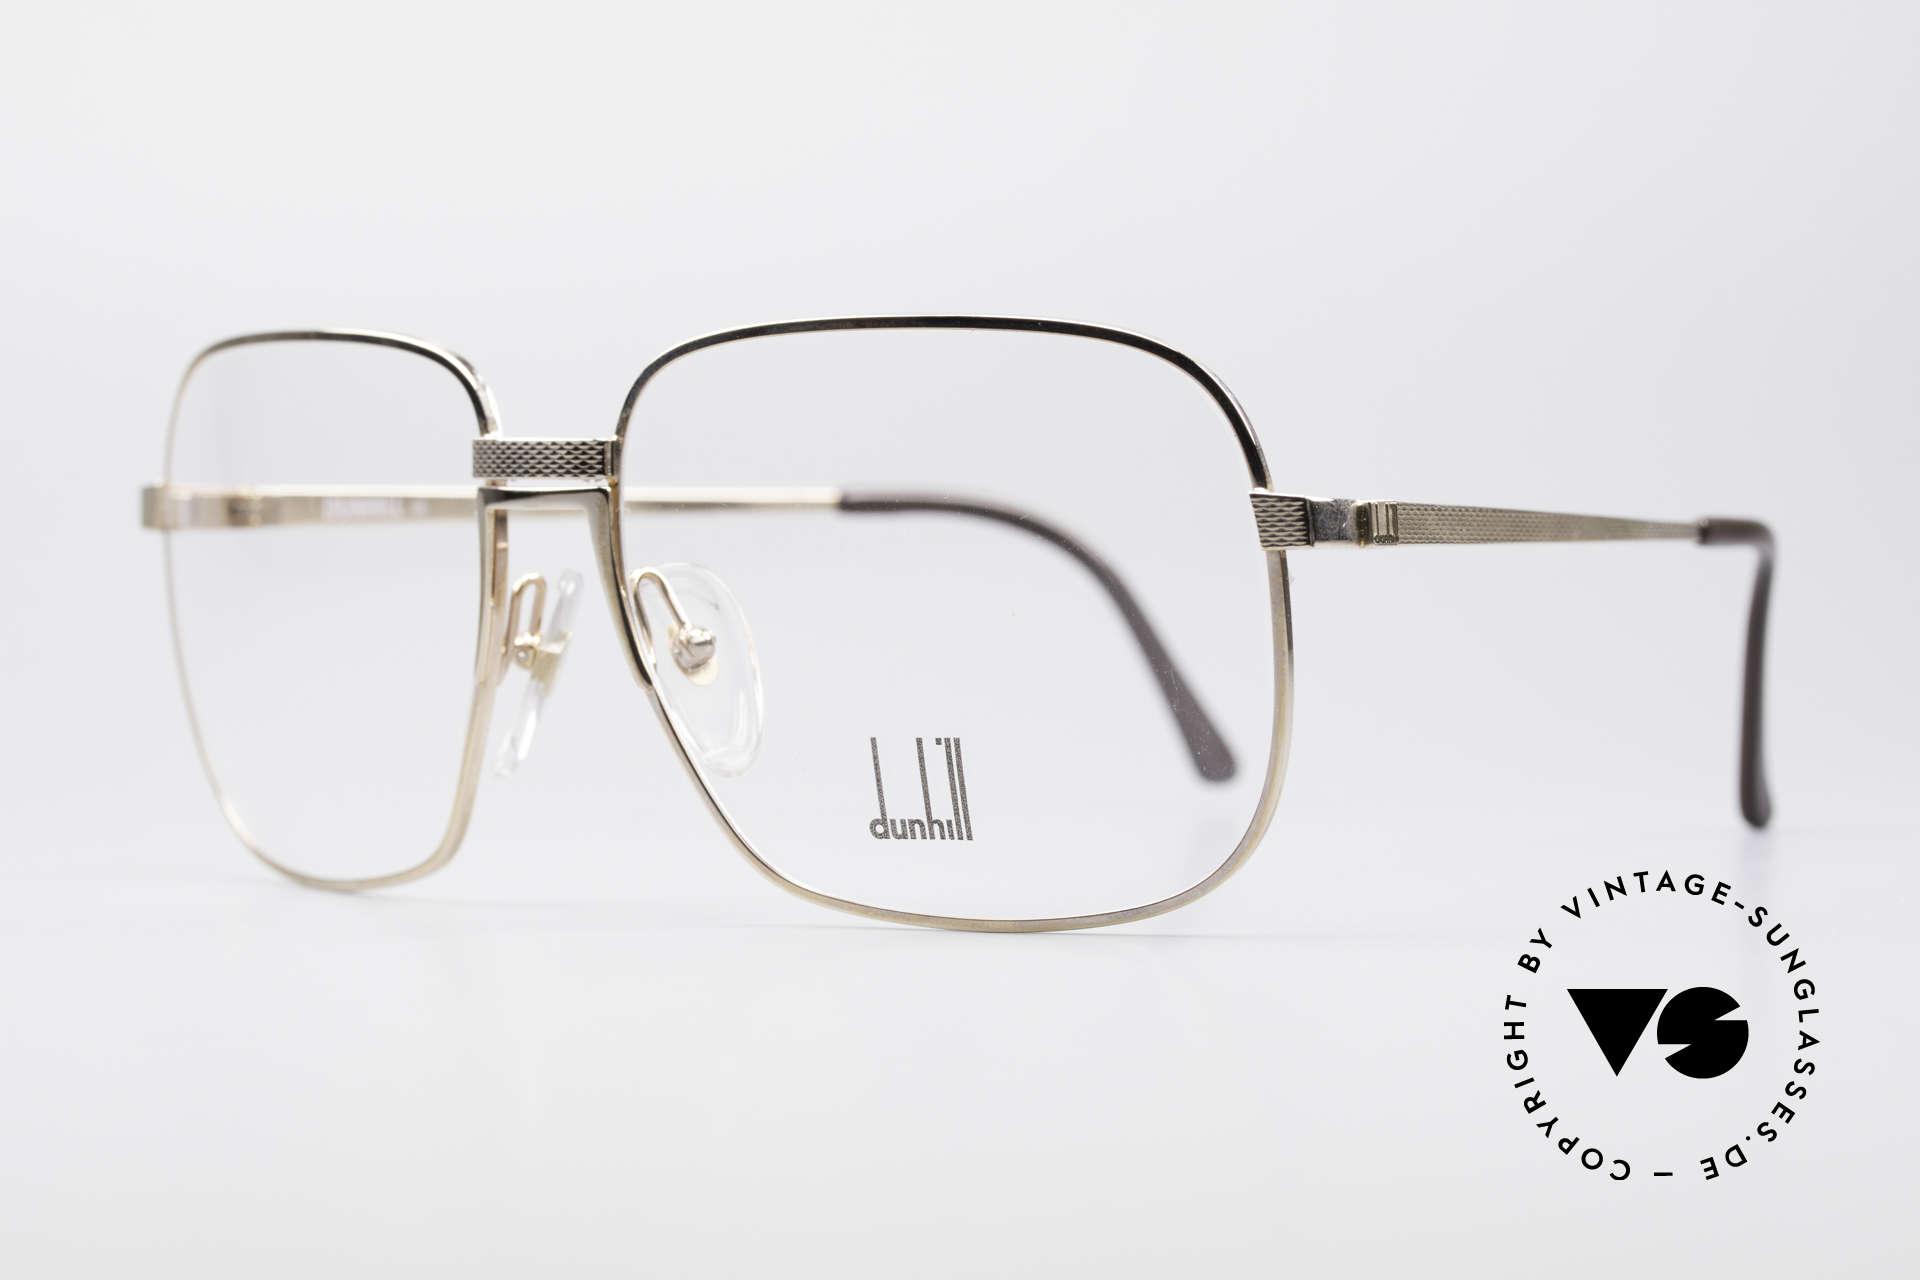 Dunhill 6090 Vergoldete 90er Herrenbrille, edle, vergoldete Fassung mit flexibler Rahmenbrücke, Passend für Herren